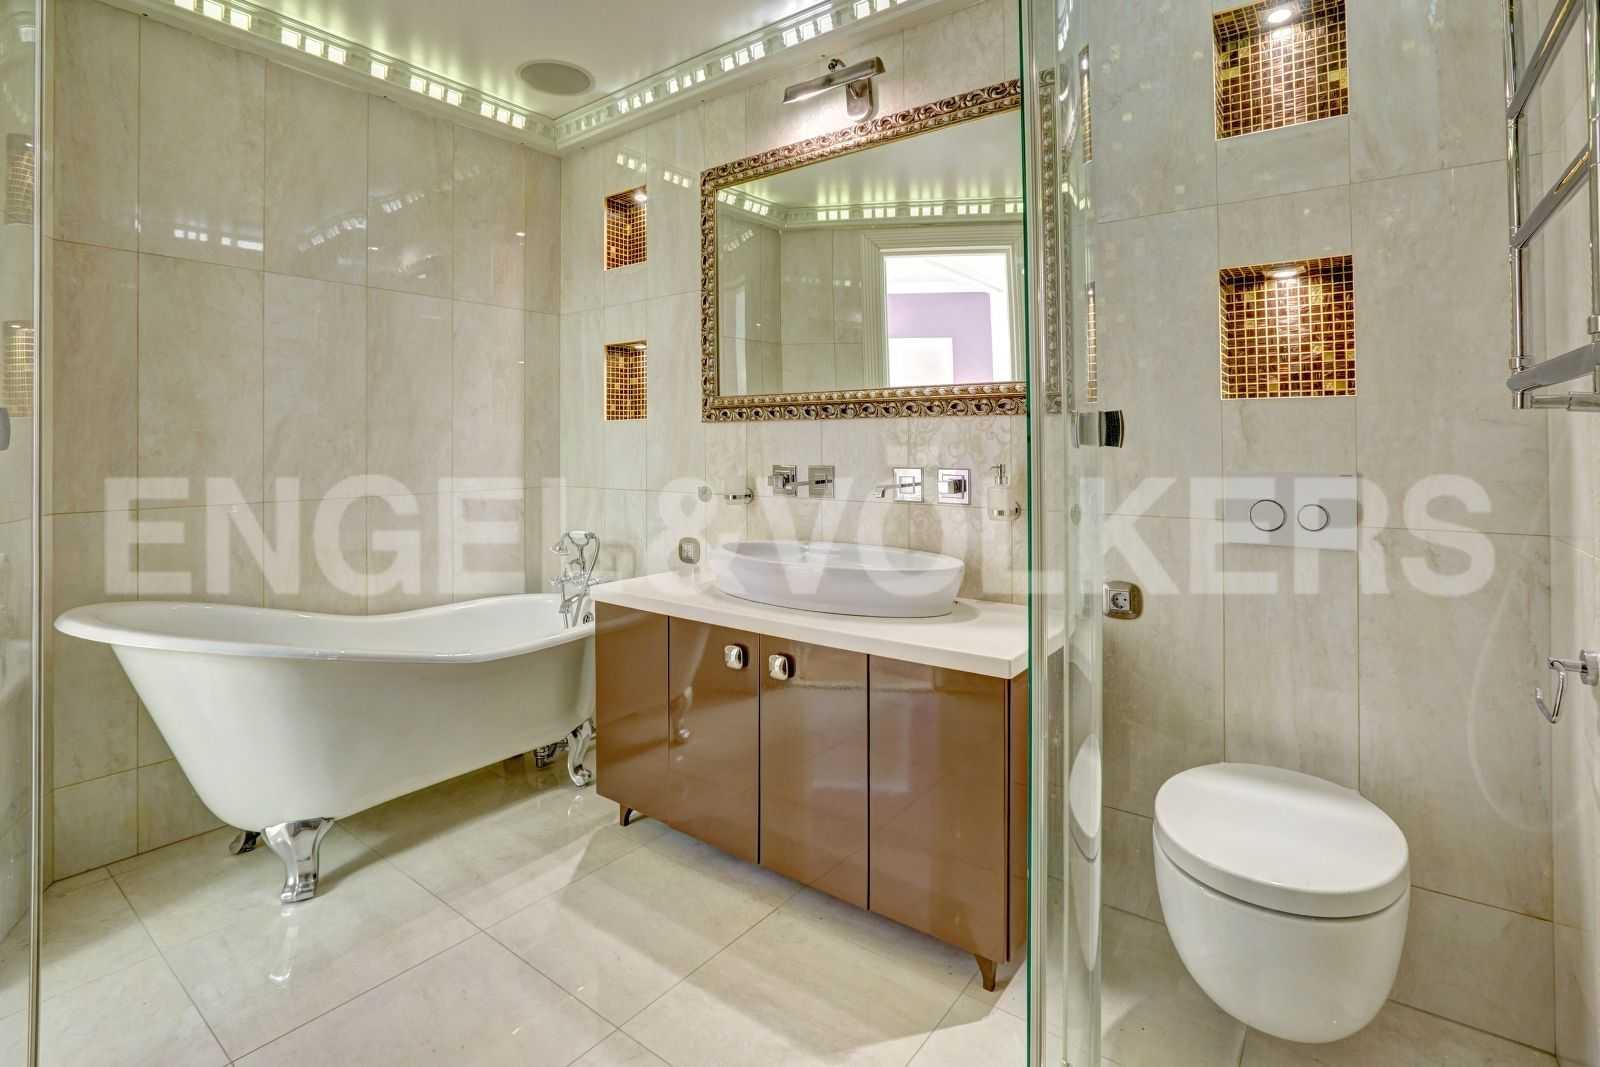 Элитные квартиры в Центральном районе. Санкт-Петербург, Тверская, 1А. Ванная комната в спальне